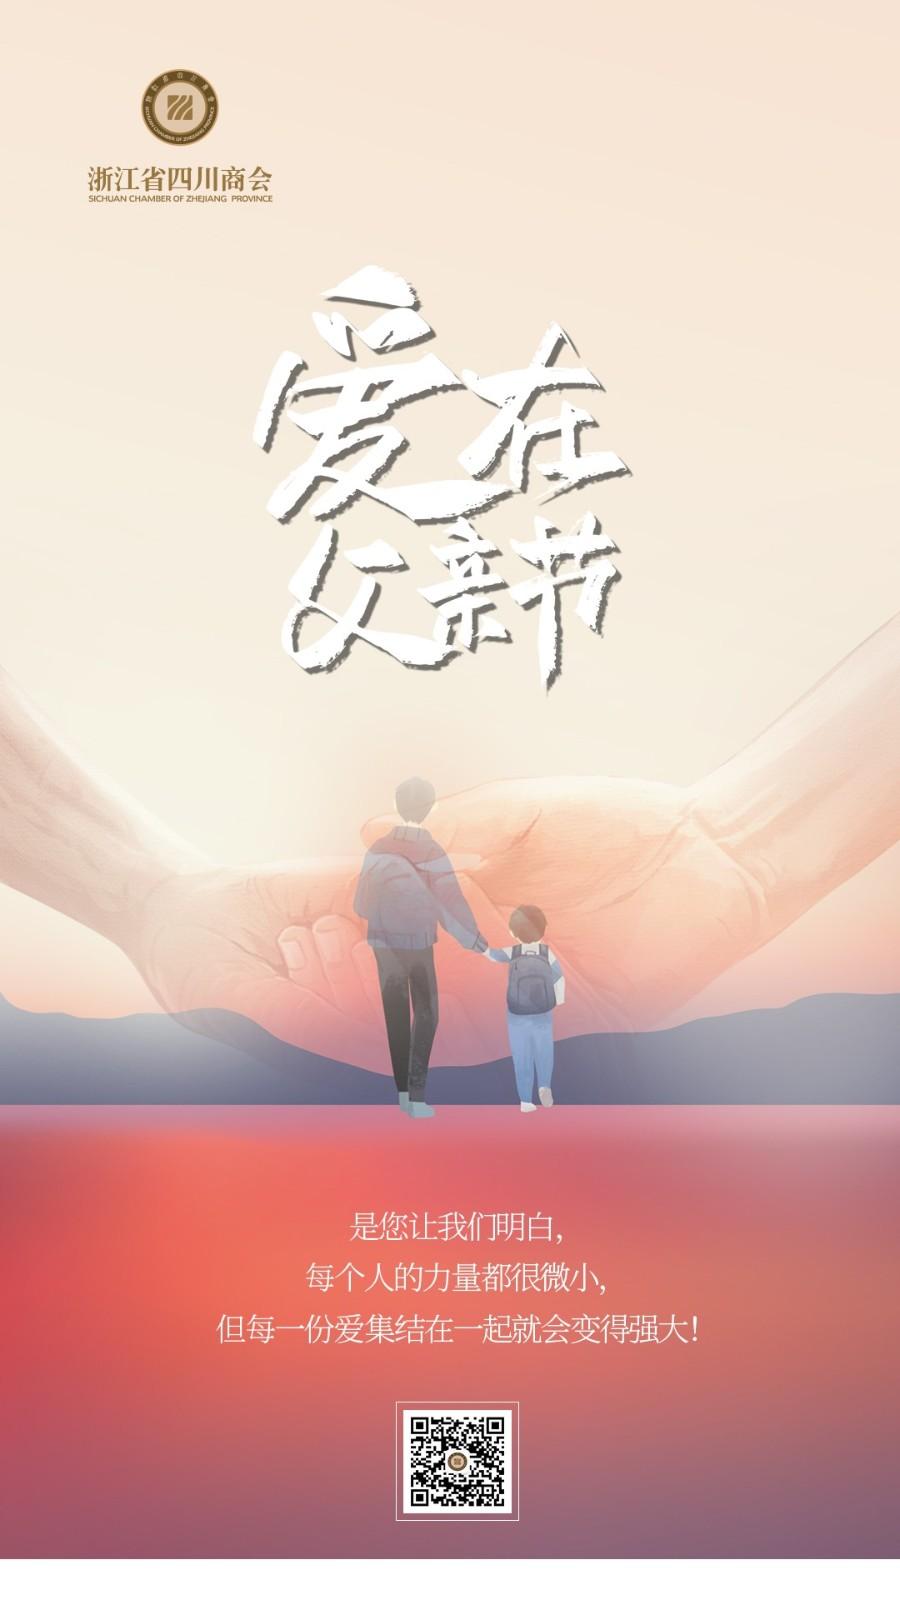 【节日祝福】浙江省四川亚虎下载app恭祝天下父亲:节日快乐!